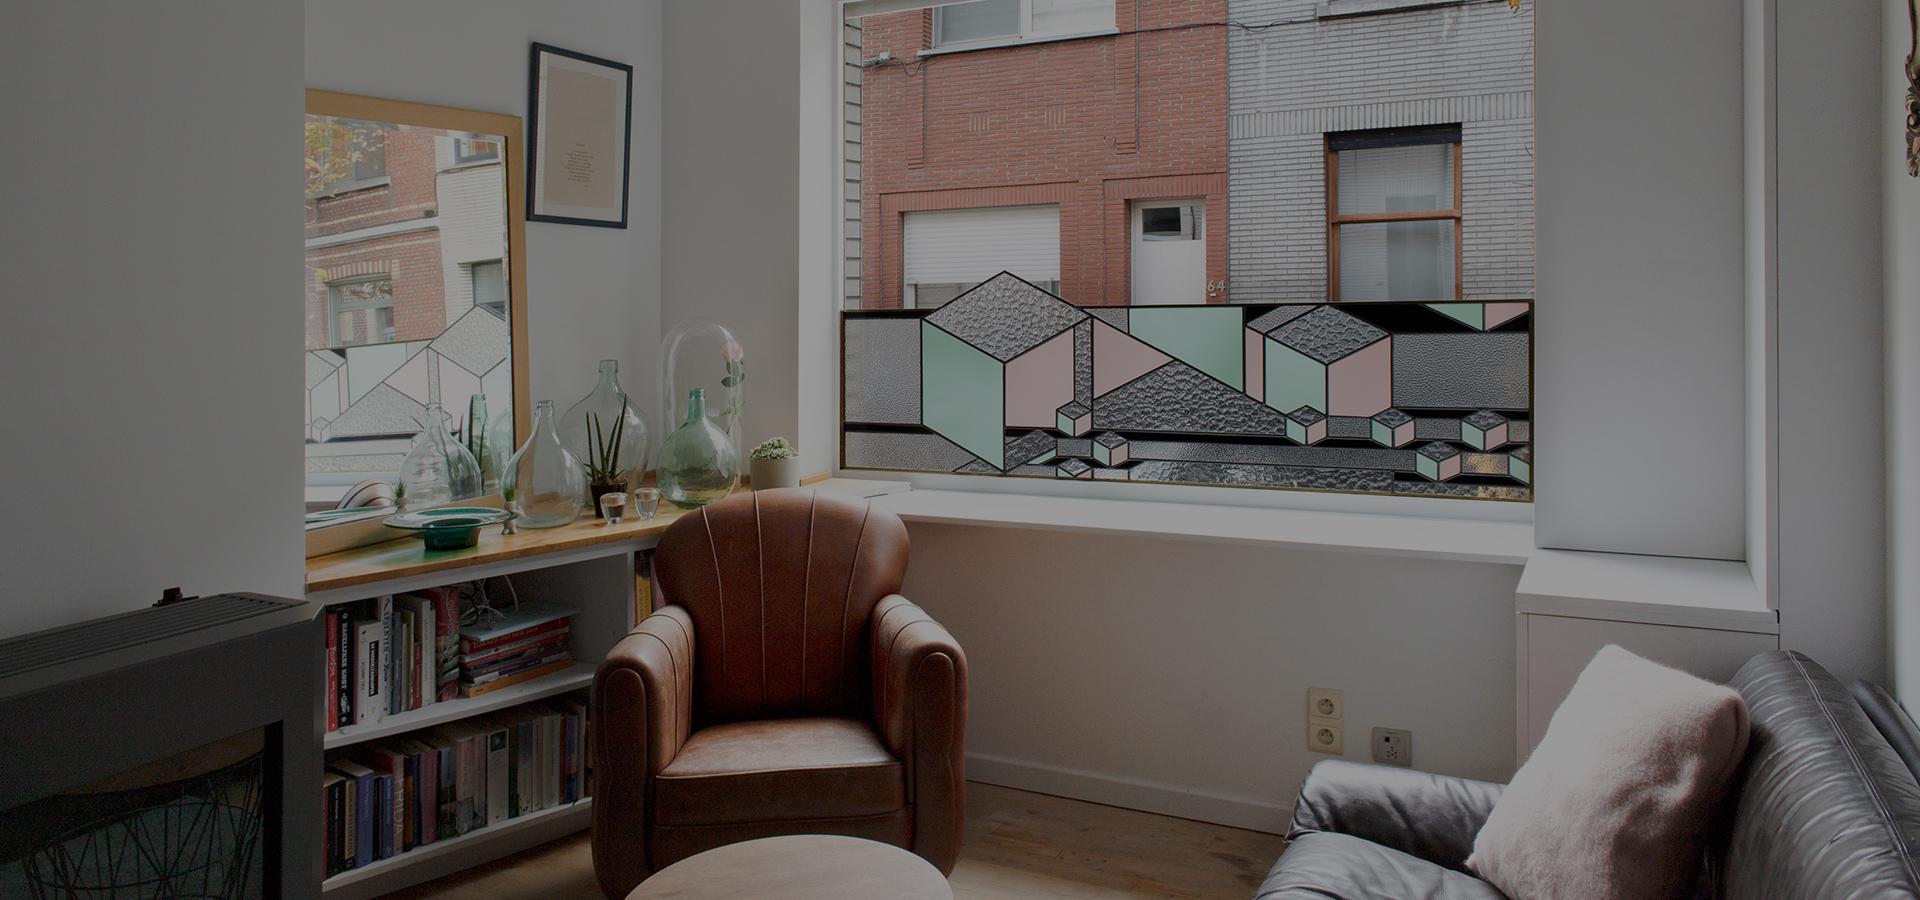 Atelier Mestdagh Merelbeke Glasramen in kleur_5